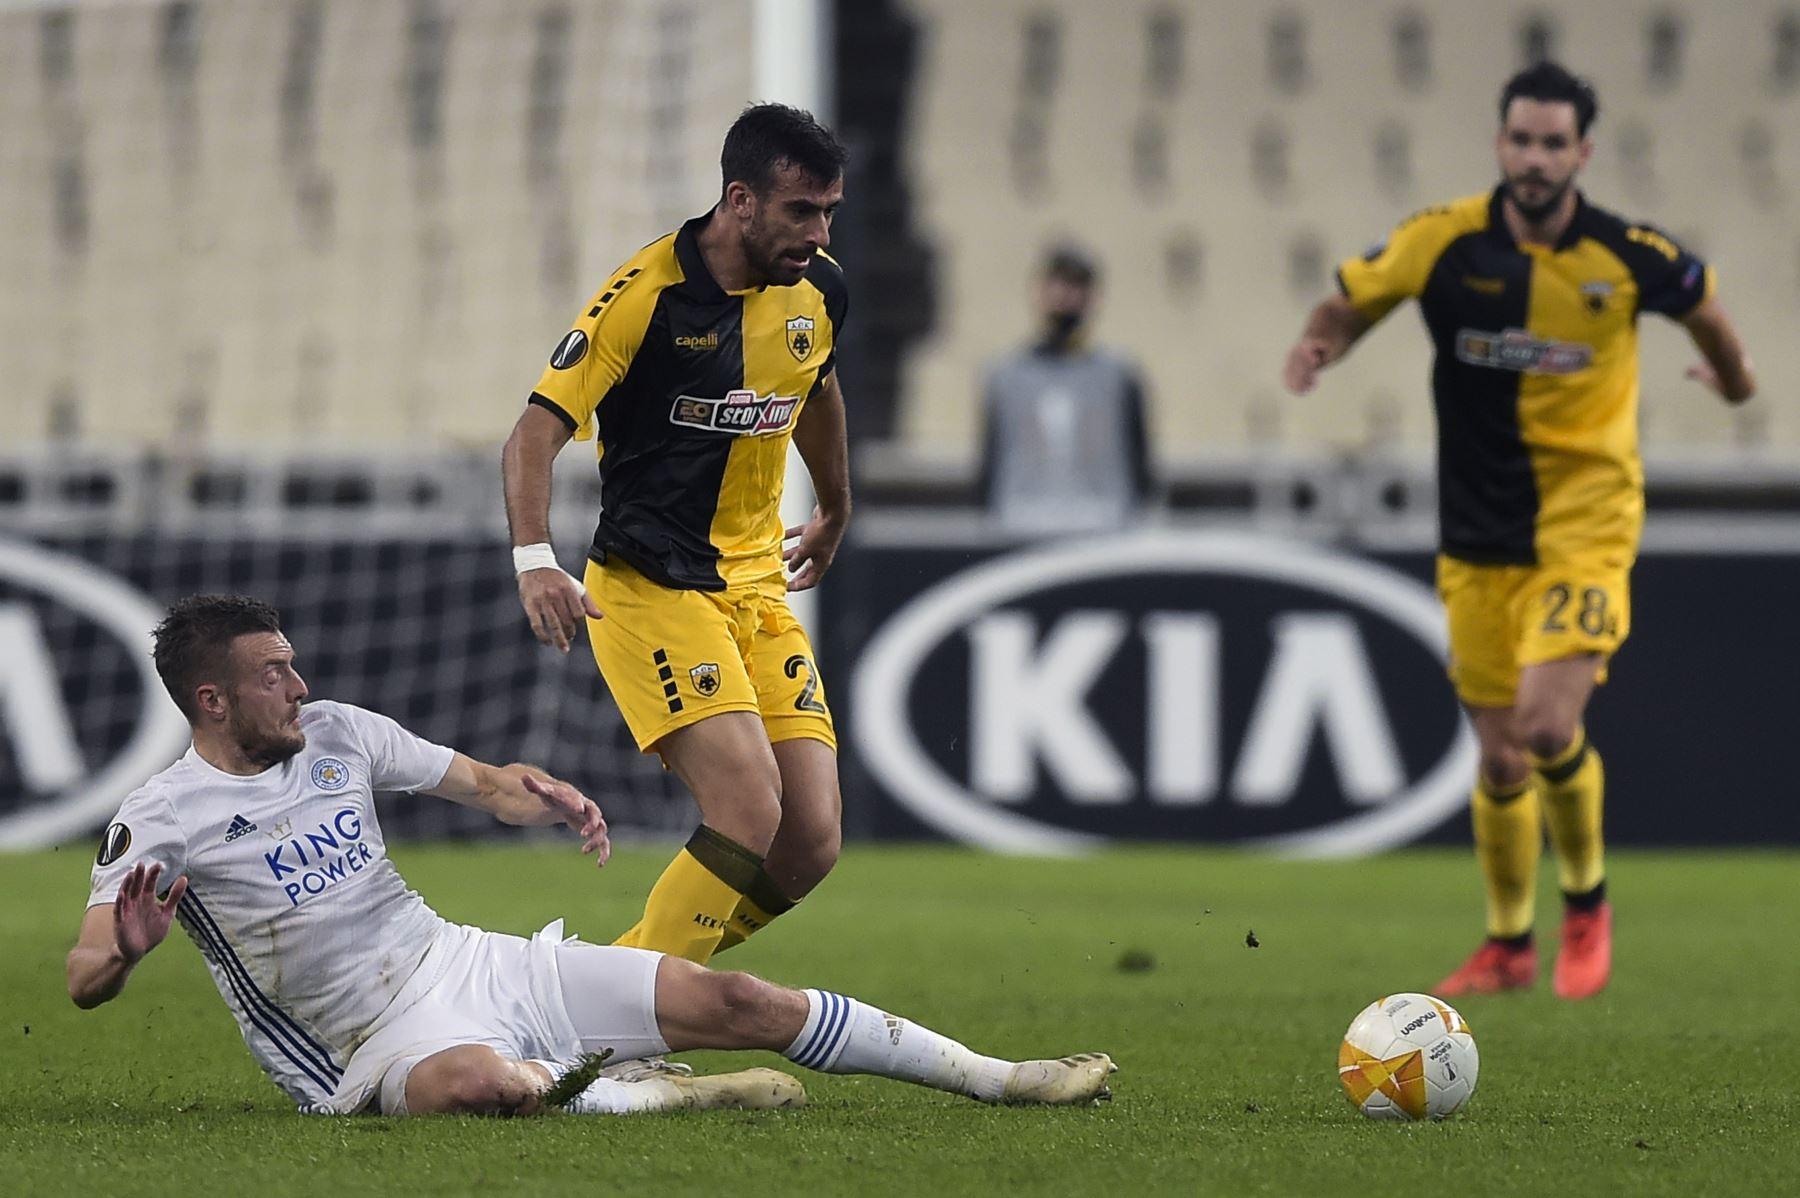 El jugador del AEK, Cengiz Under disputa el balón con Michalis Bakakis en el partido por la Copa UEFA entre el AEK Atenas y Leicester jugado en Atenas. Foto: AFP